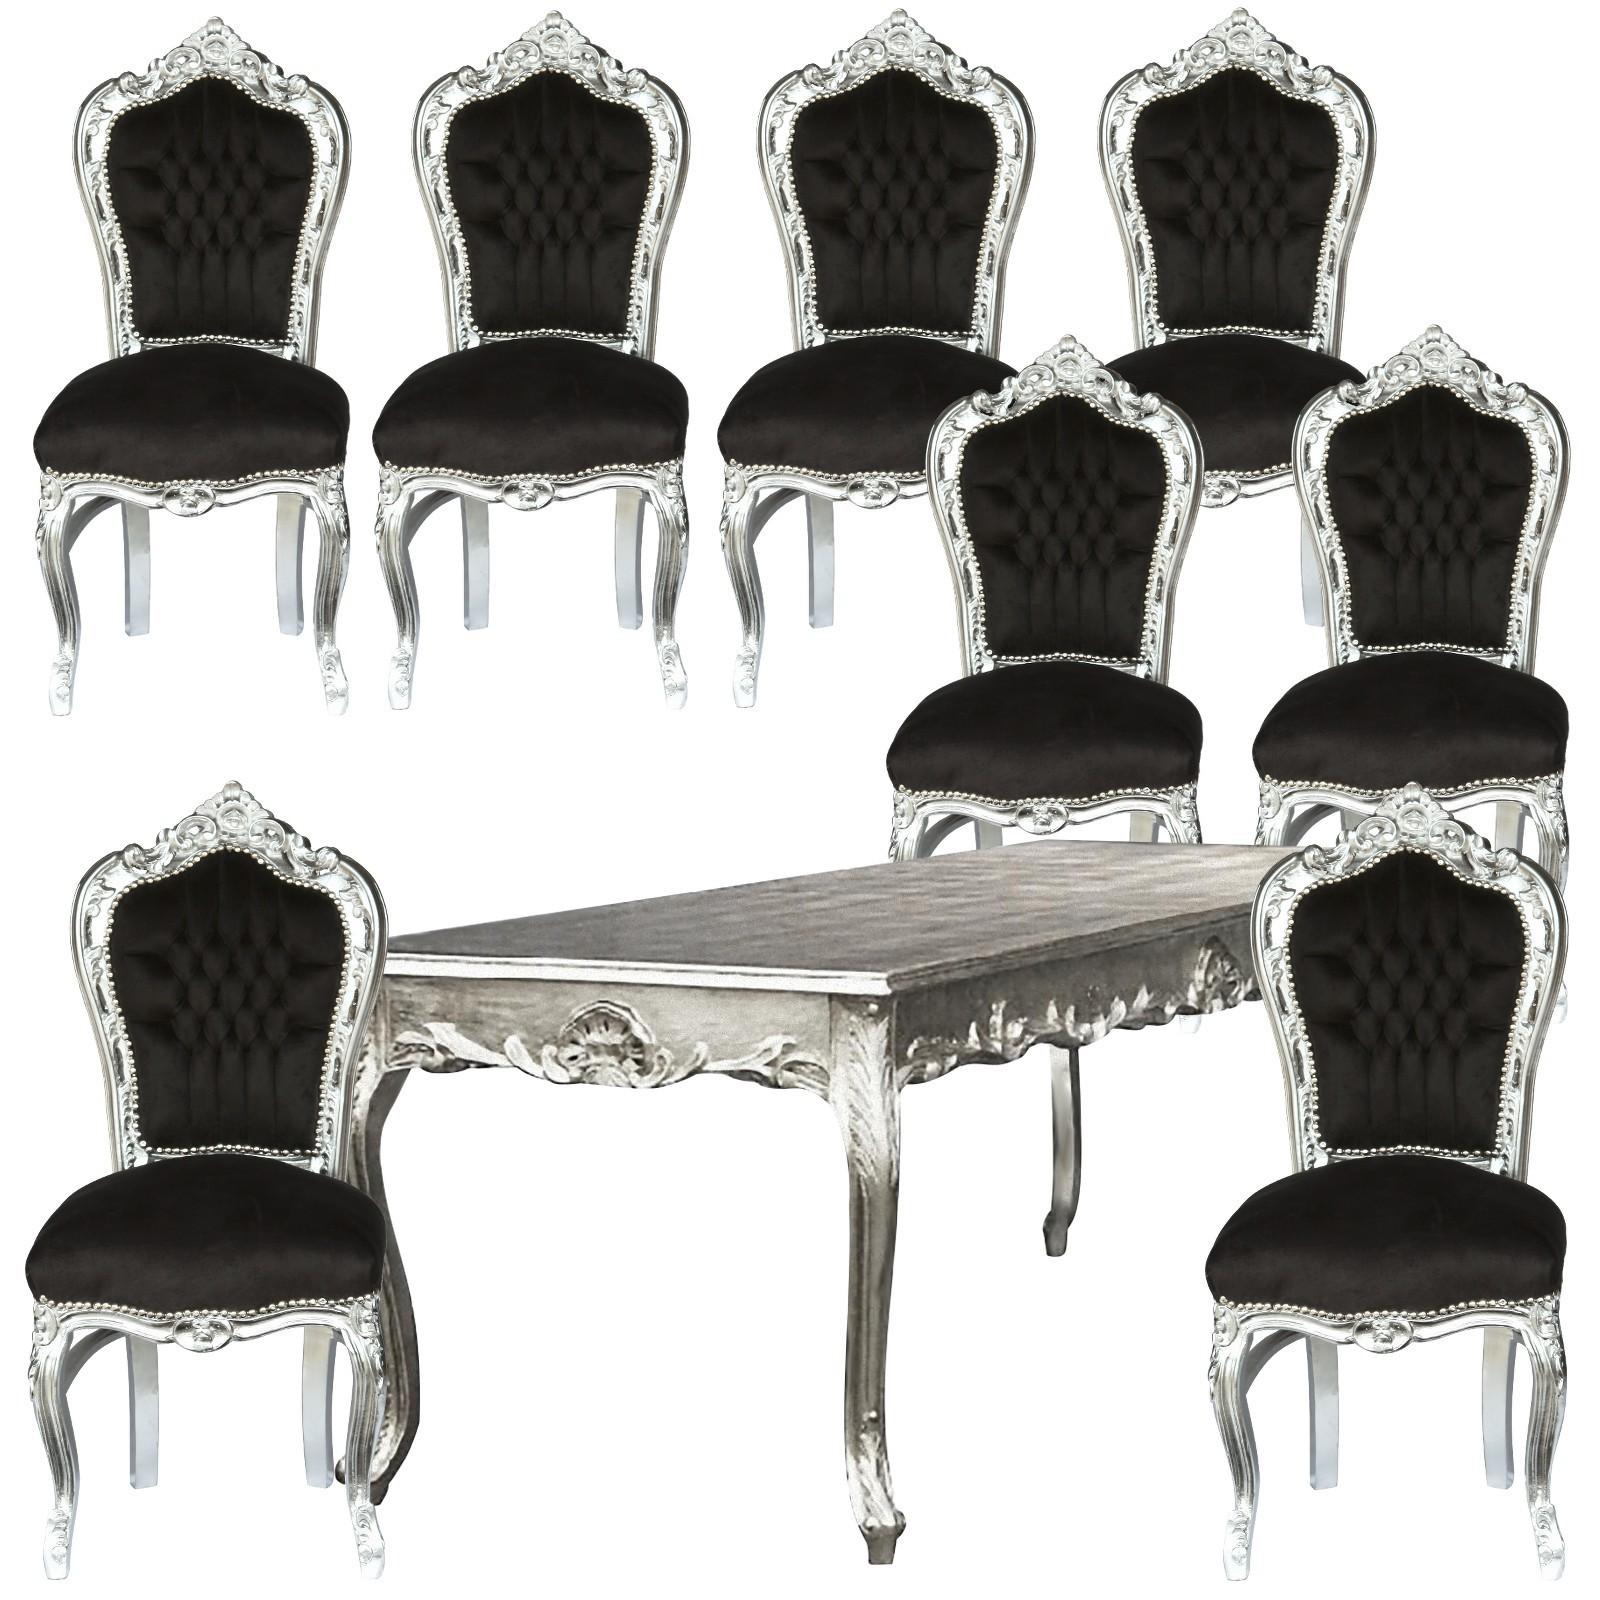 Beeindruckend Esstisch Stühle Schwarz Sammlung Von Set Barockstühle Esszimmer Silber Angebot Tisch 8